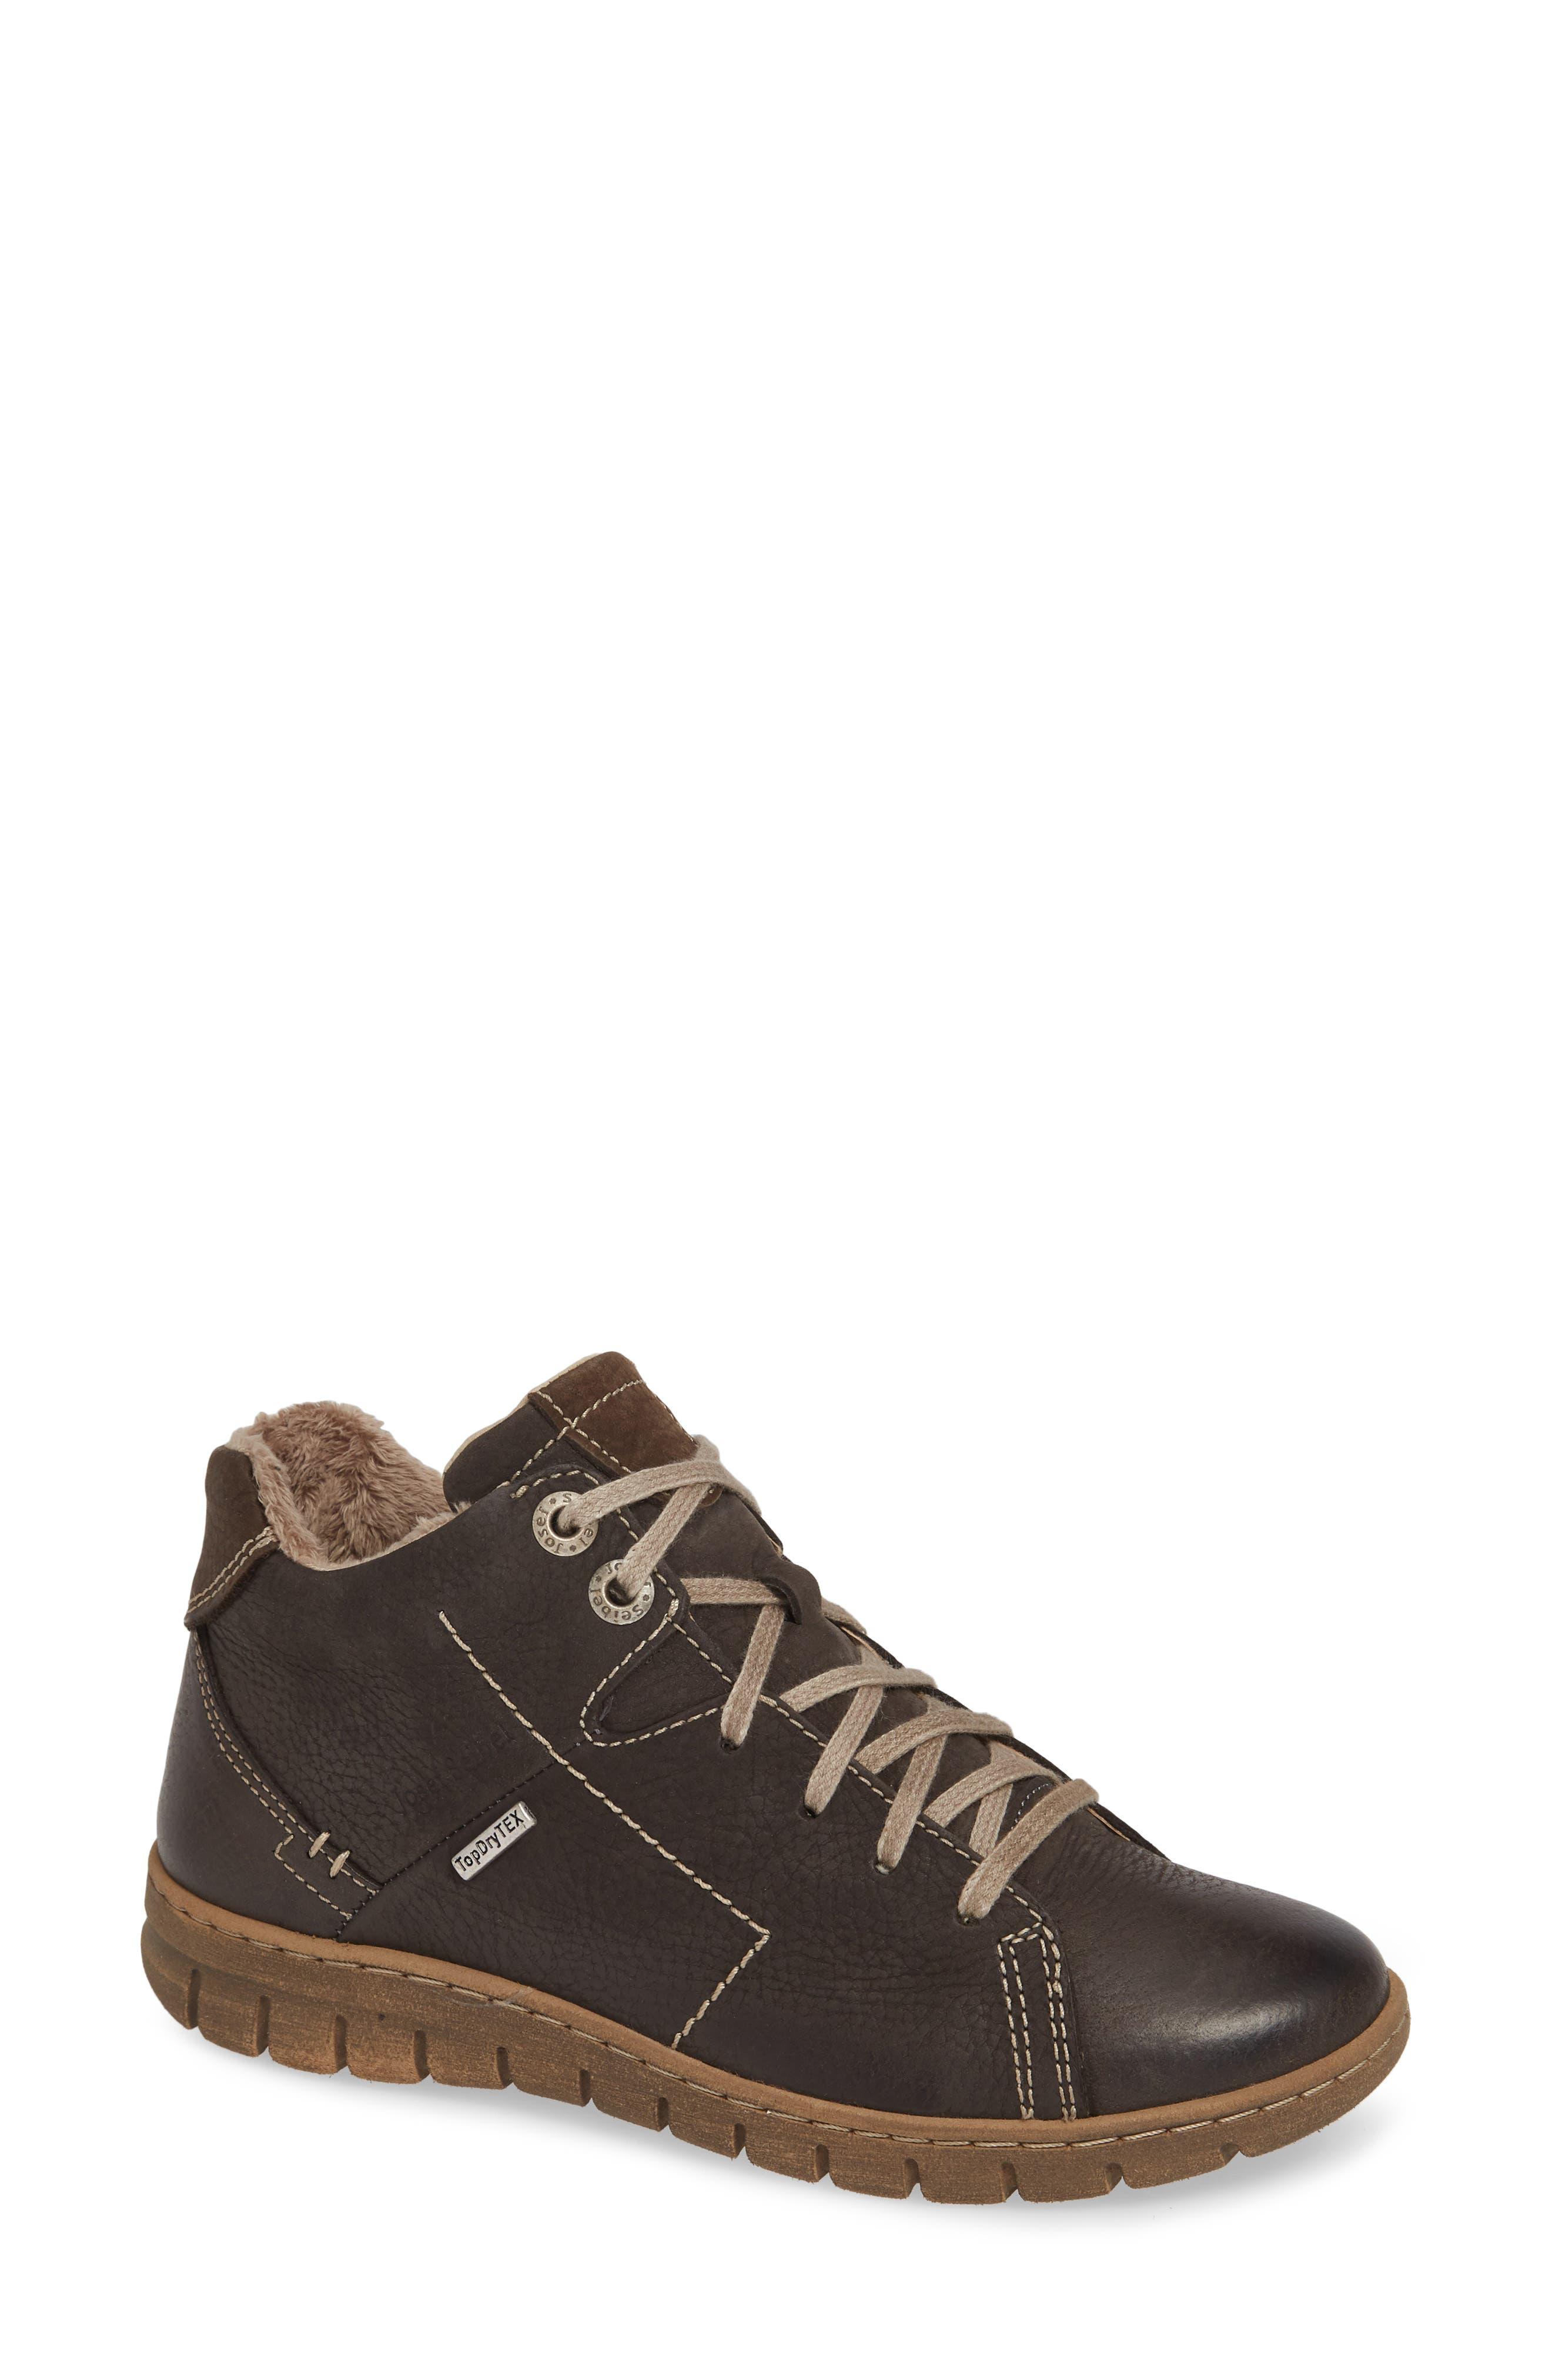 Steffi 58 Sneaker Bootie, Main, color, TITAN LEATHER